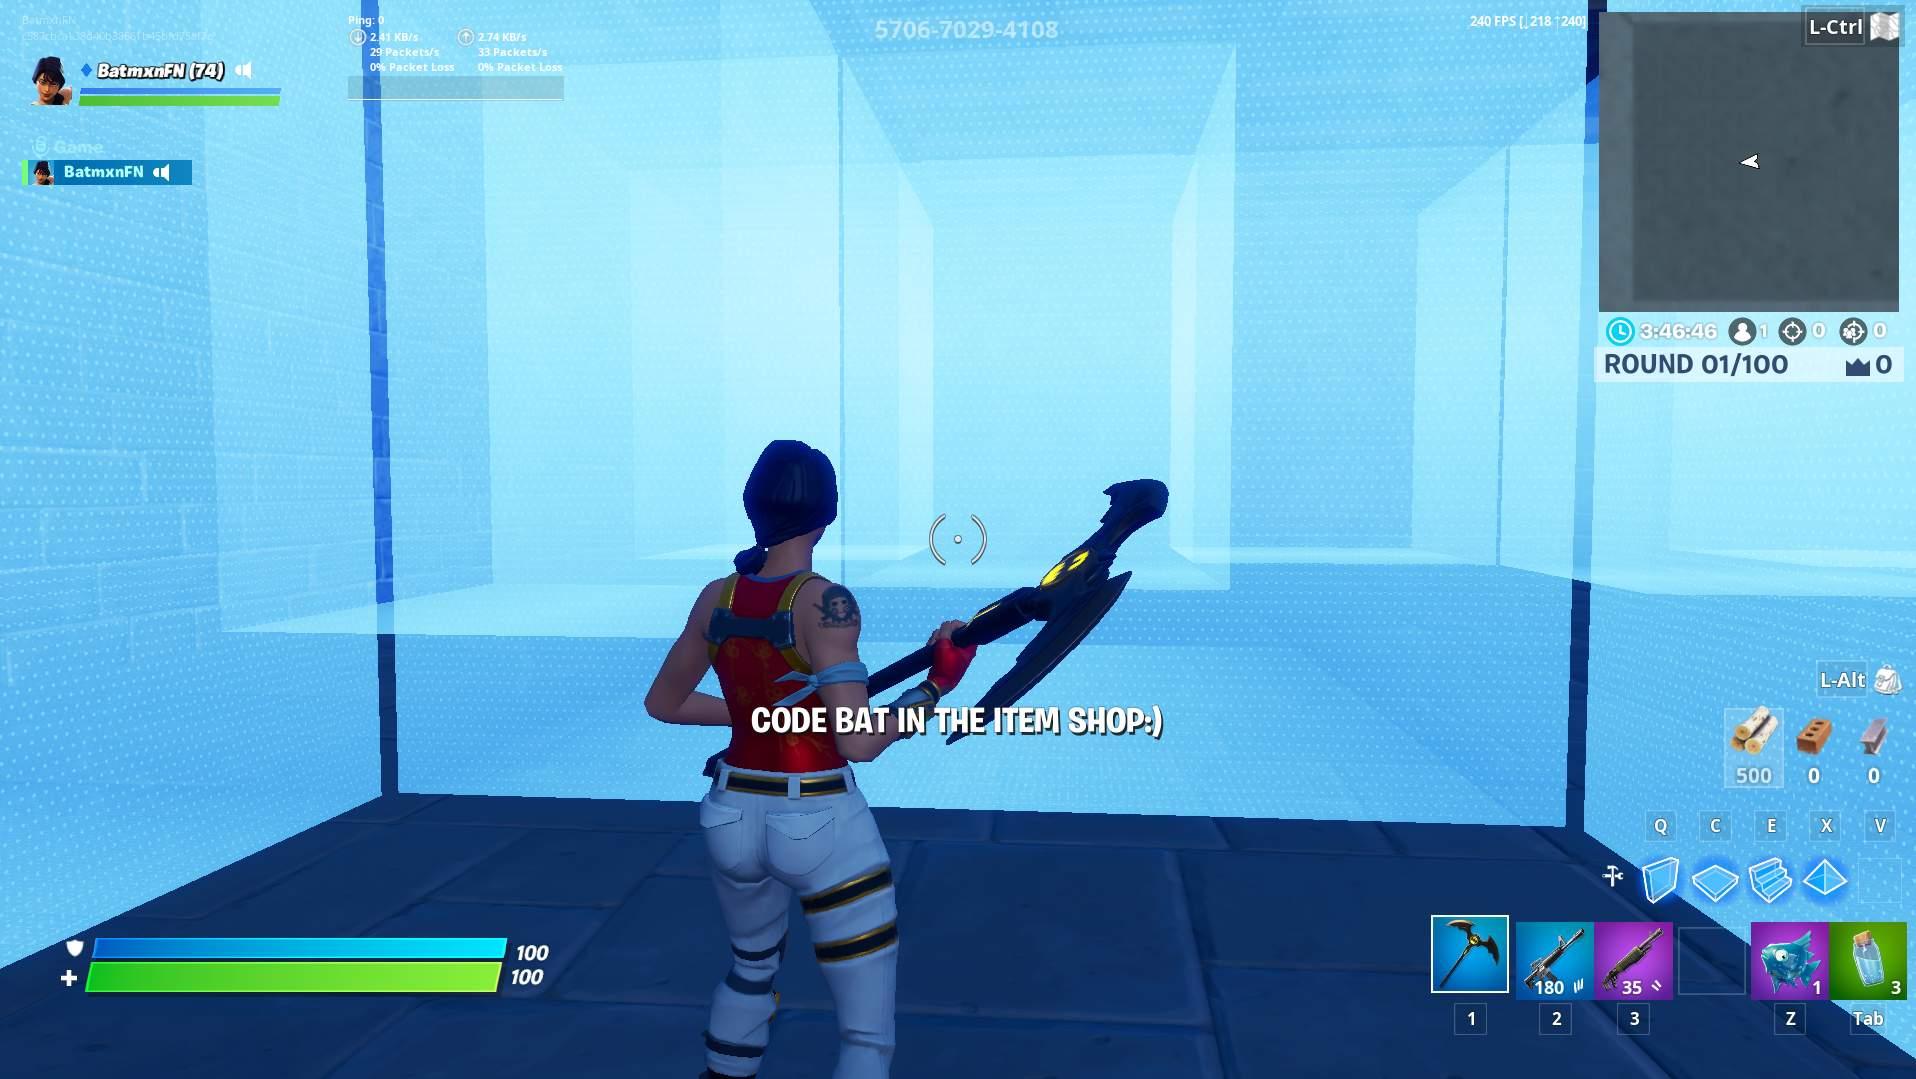 1v1v1v1 Fortnite Code Realistic Box Fight Ffa Fortnite Creative Map Code Dropnite